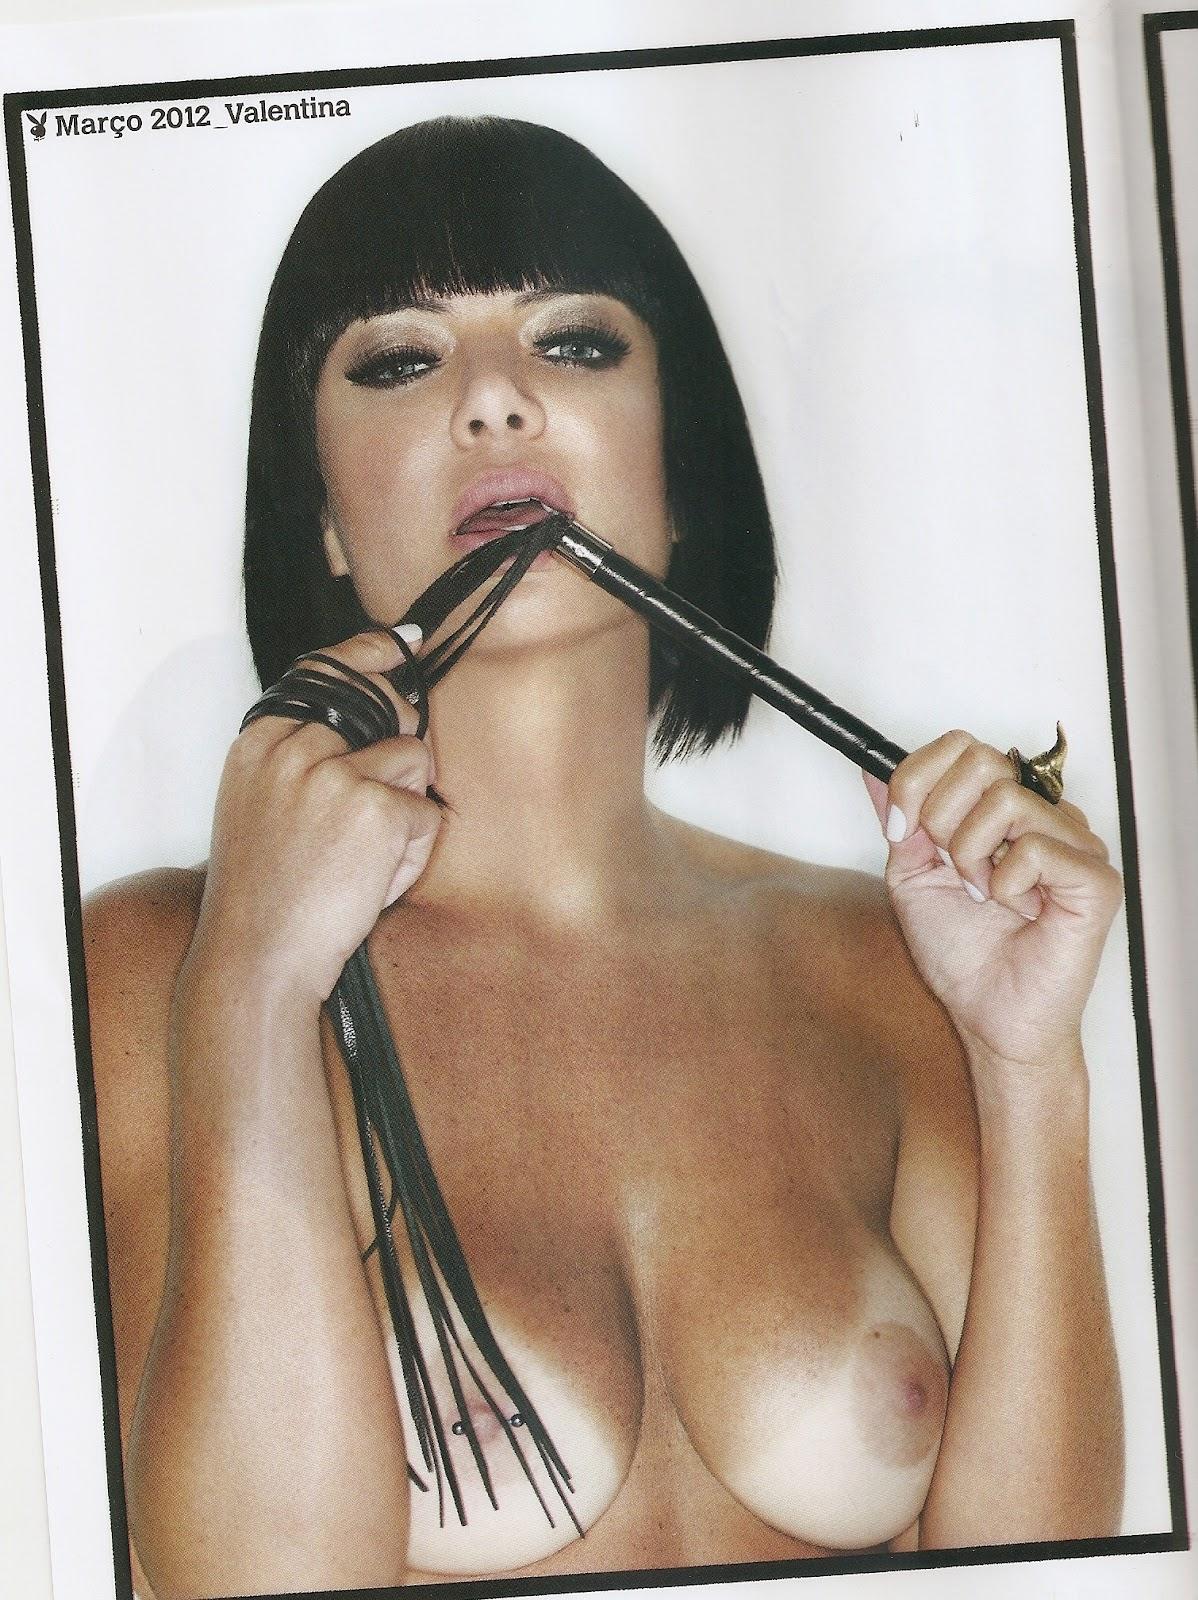 Valentina Francavilla Peladinha Na Playboy De Mar O Veja As Fotos